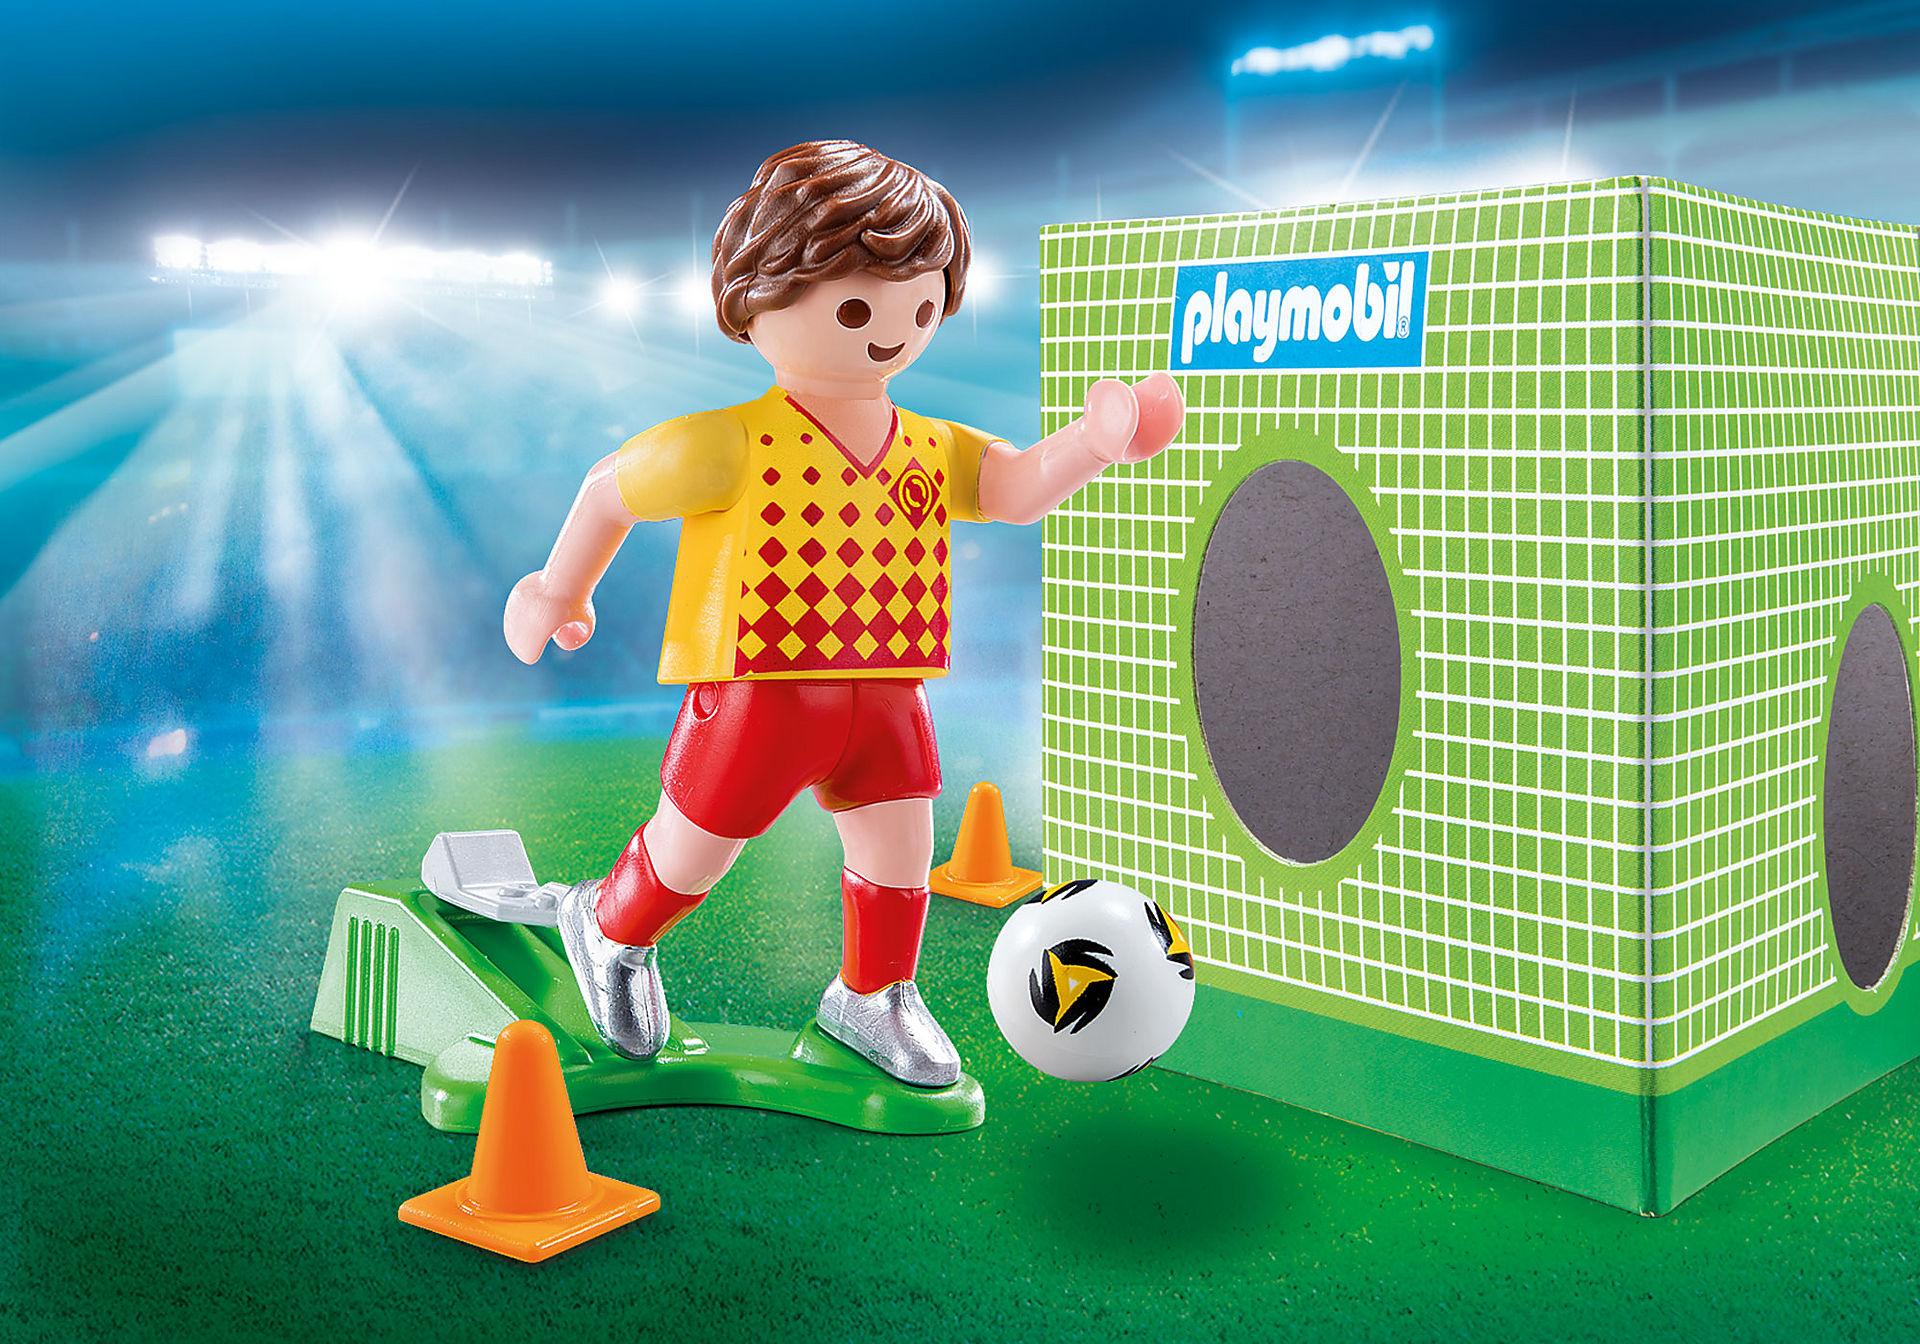 70157 Ποδοσφαιριστής με Τέρμα εξάσκησης zoom image1